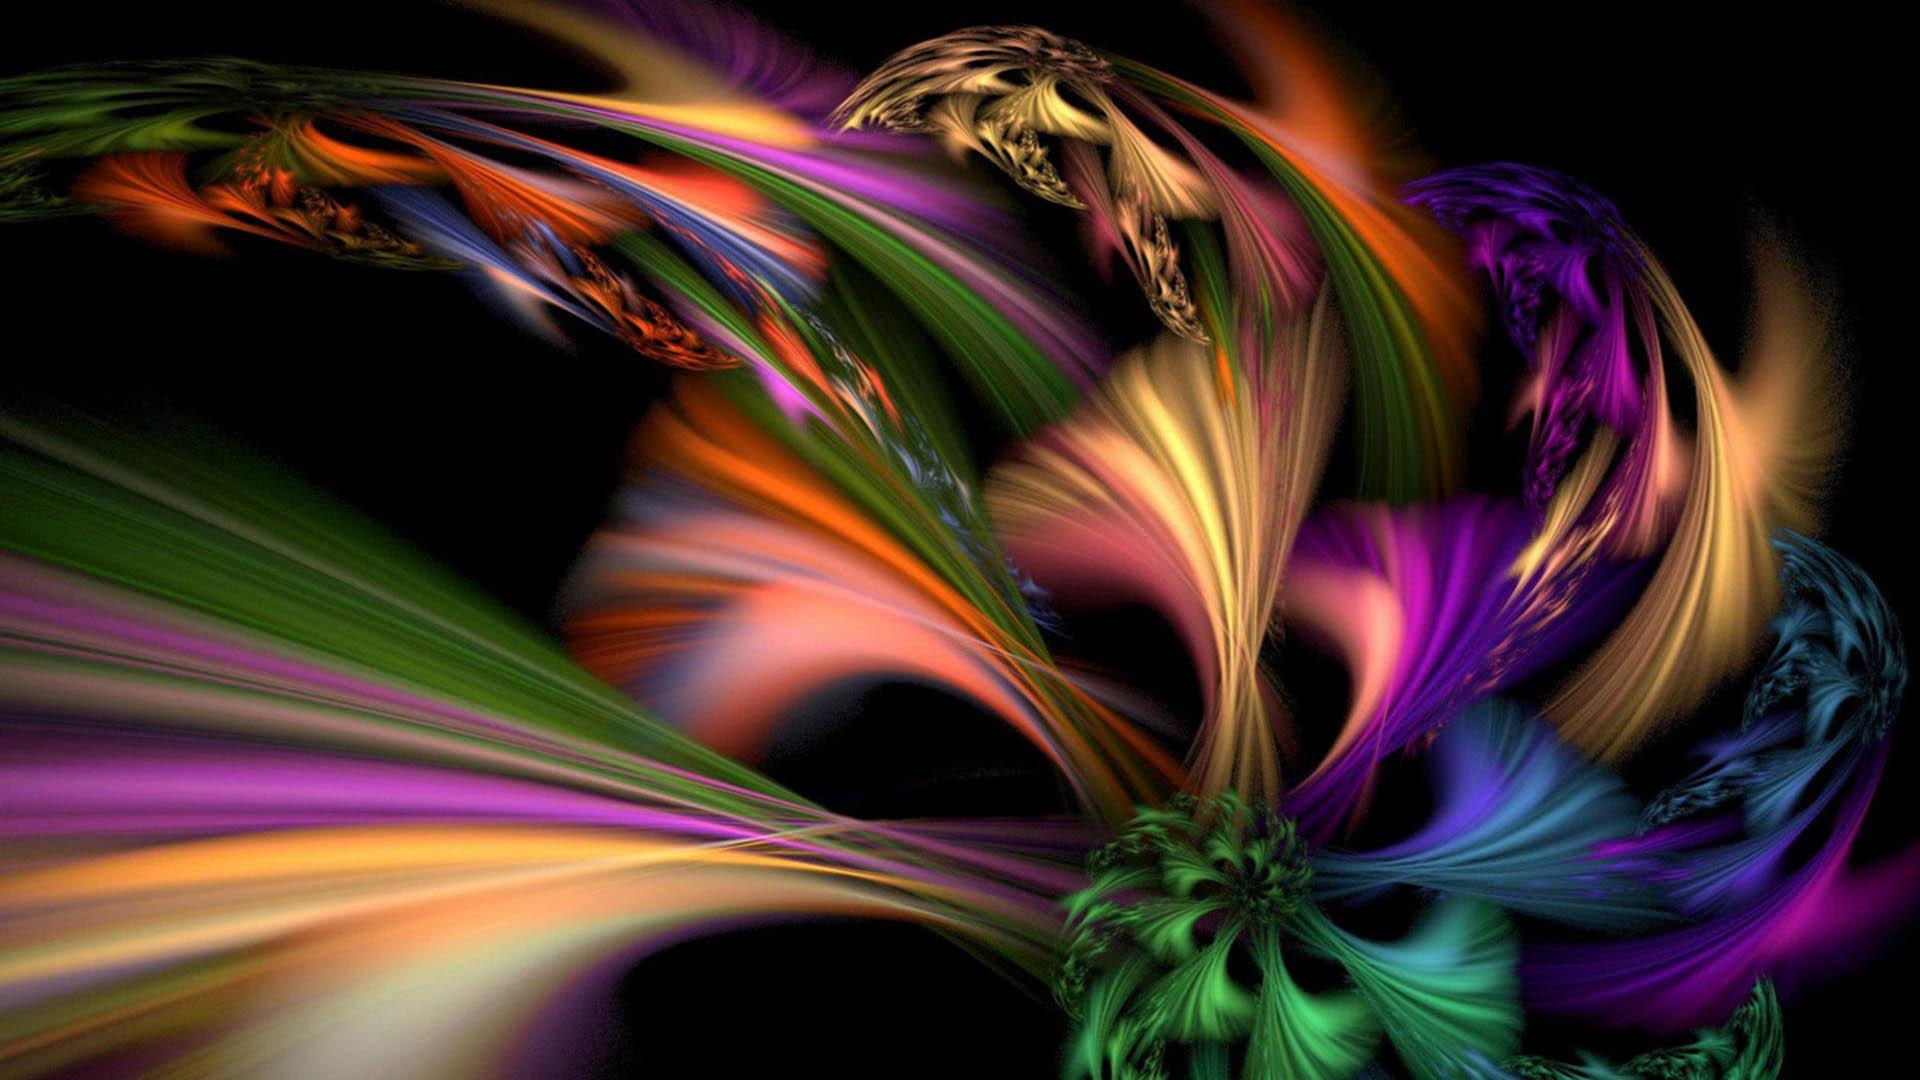 Sfondi desktop colori tenui 52 immagini for Immagini astratte per desktop